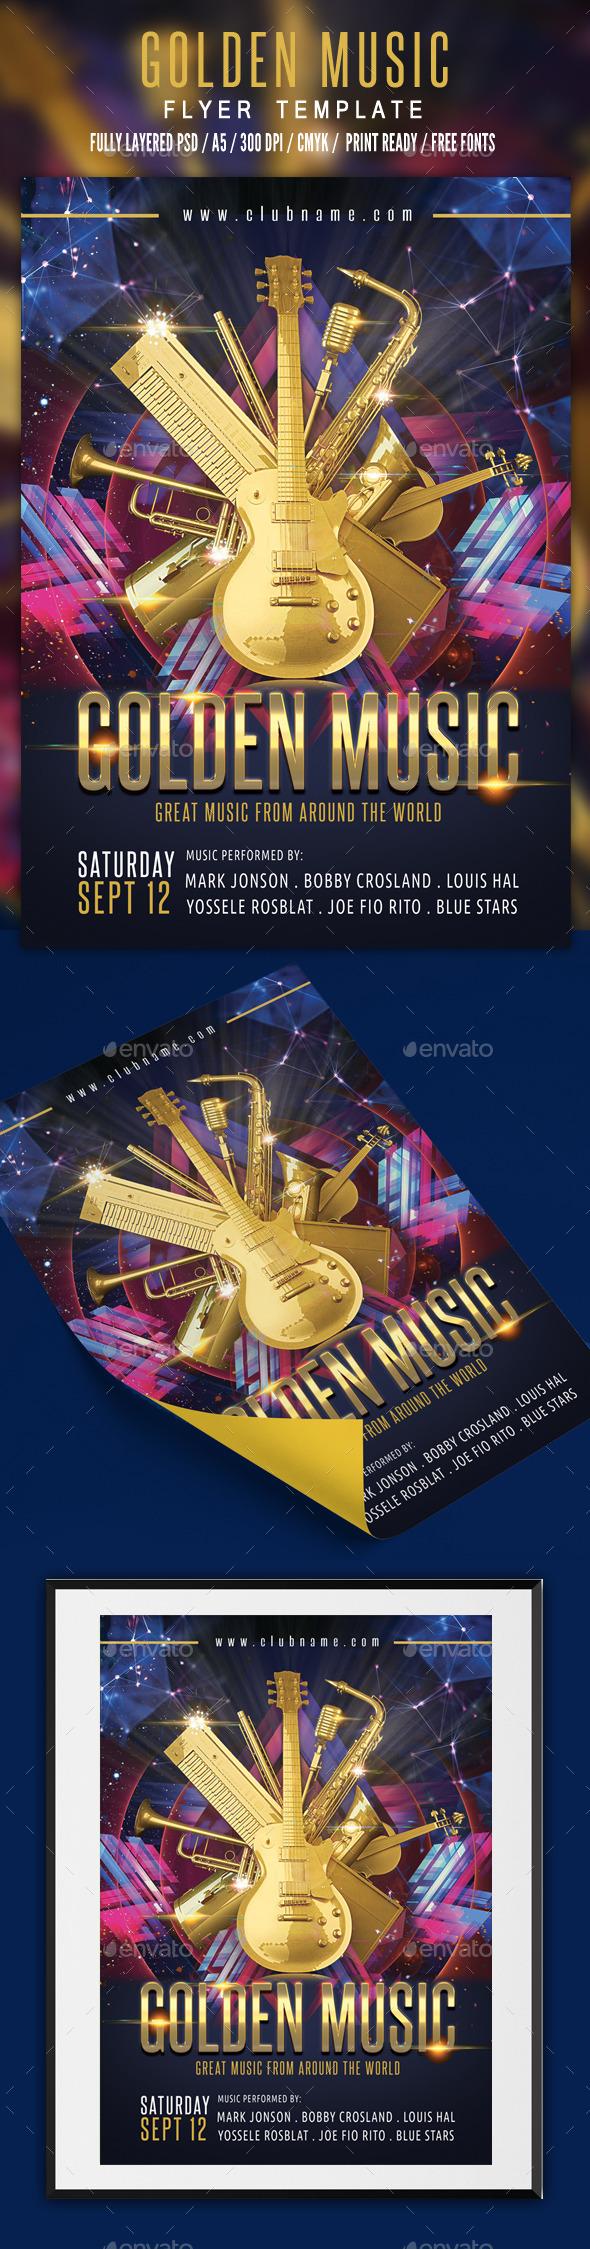 Golden Music Flyer Template